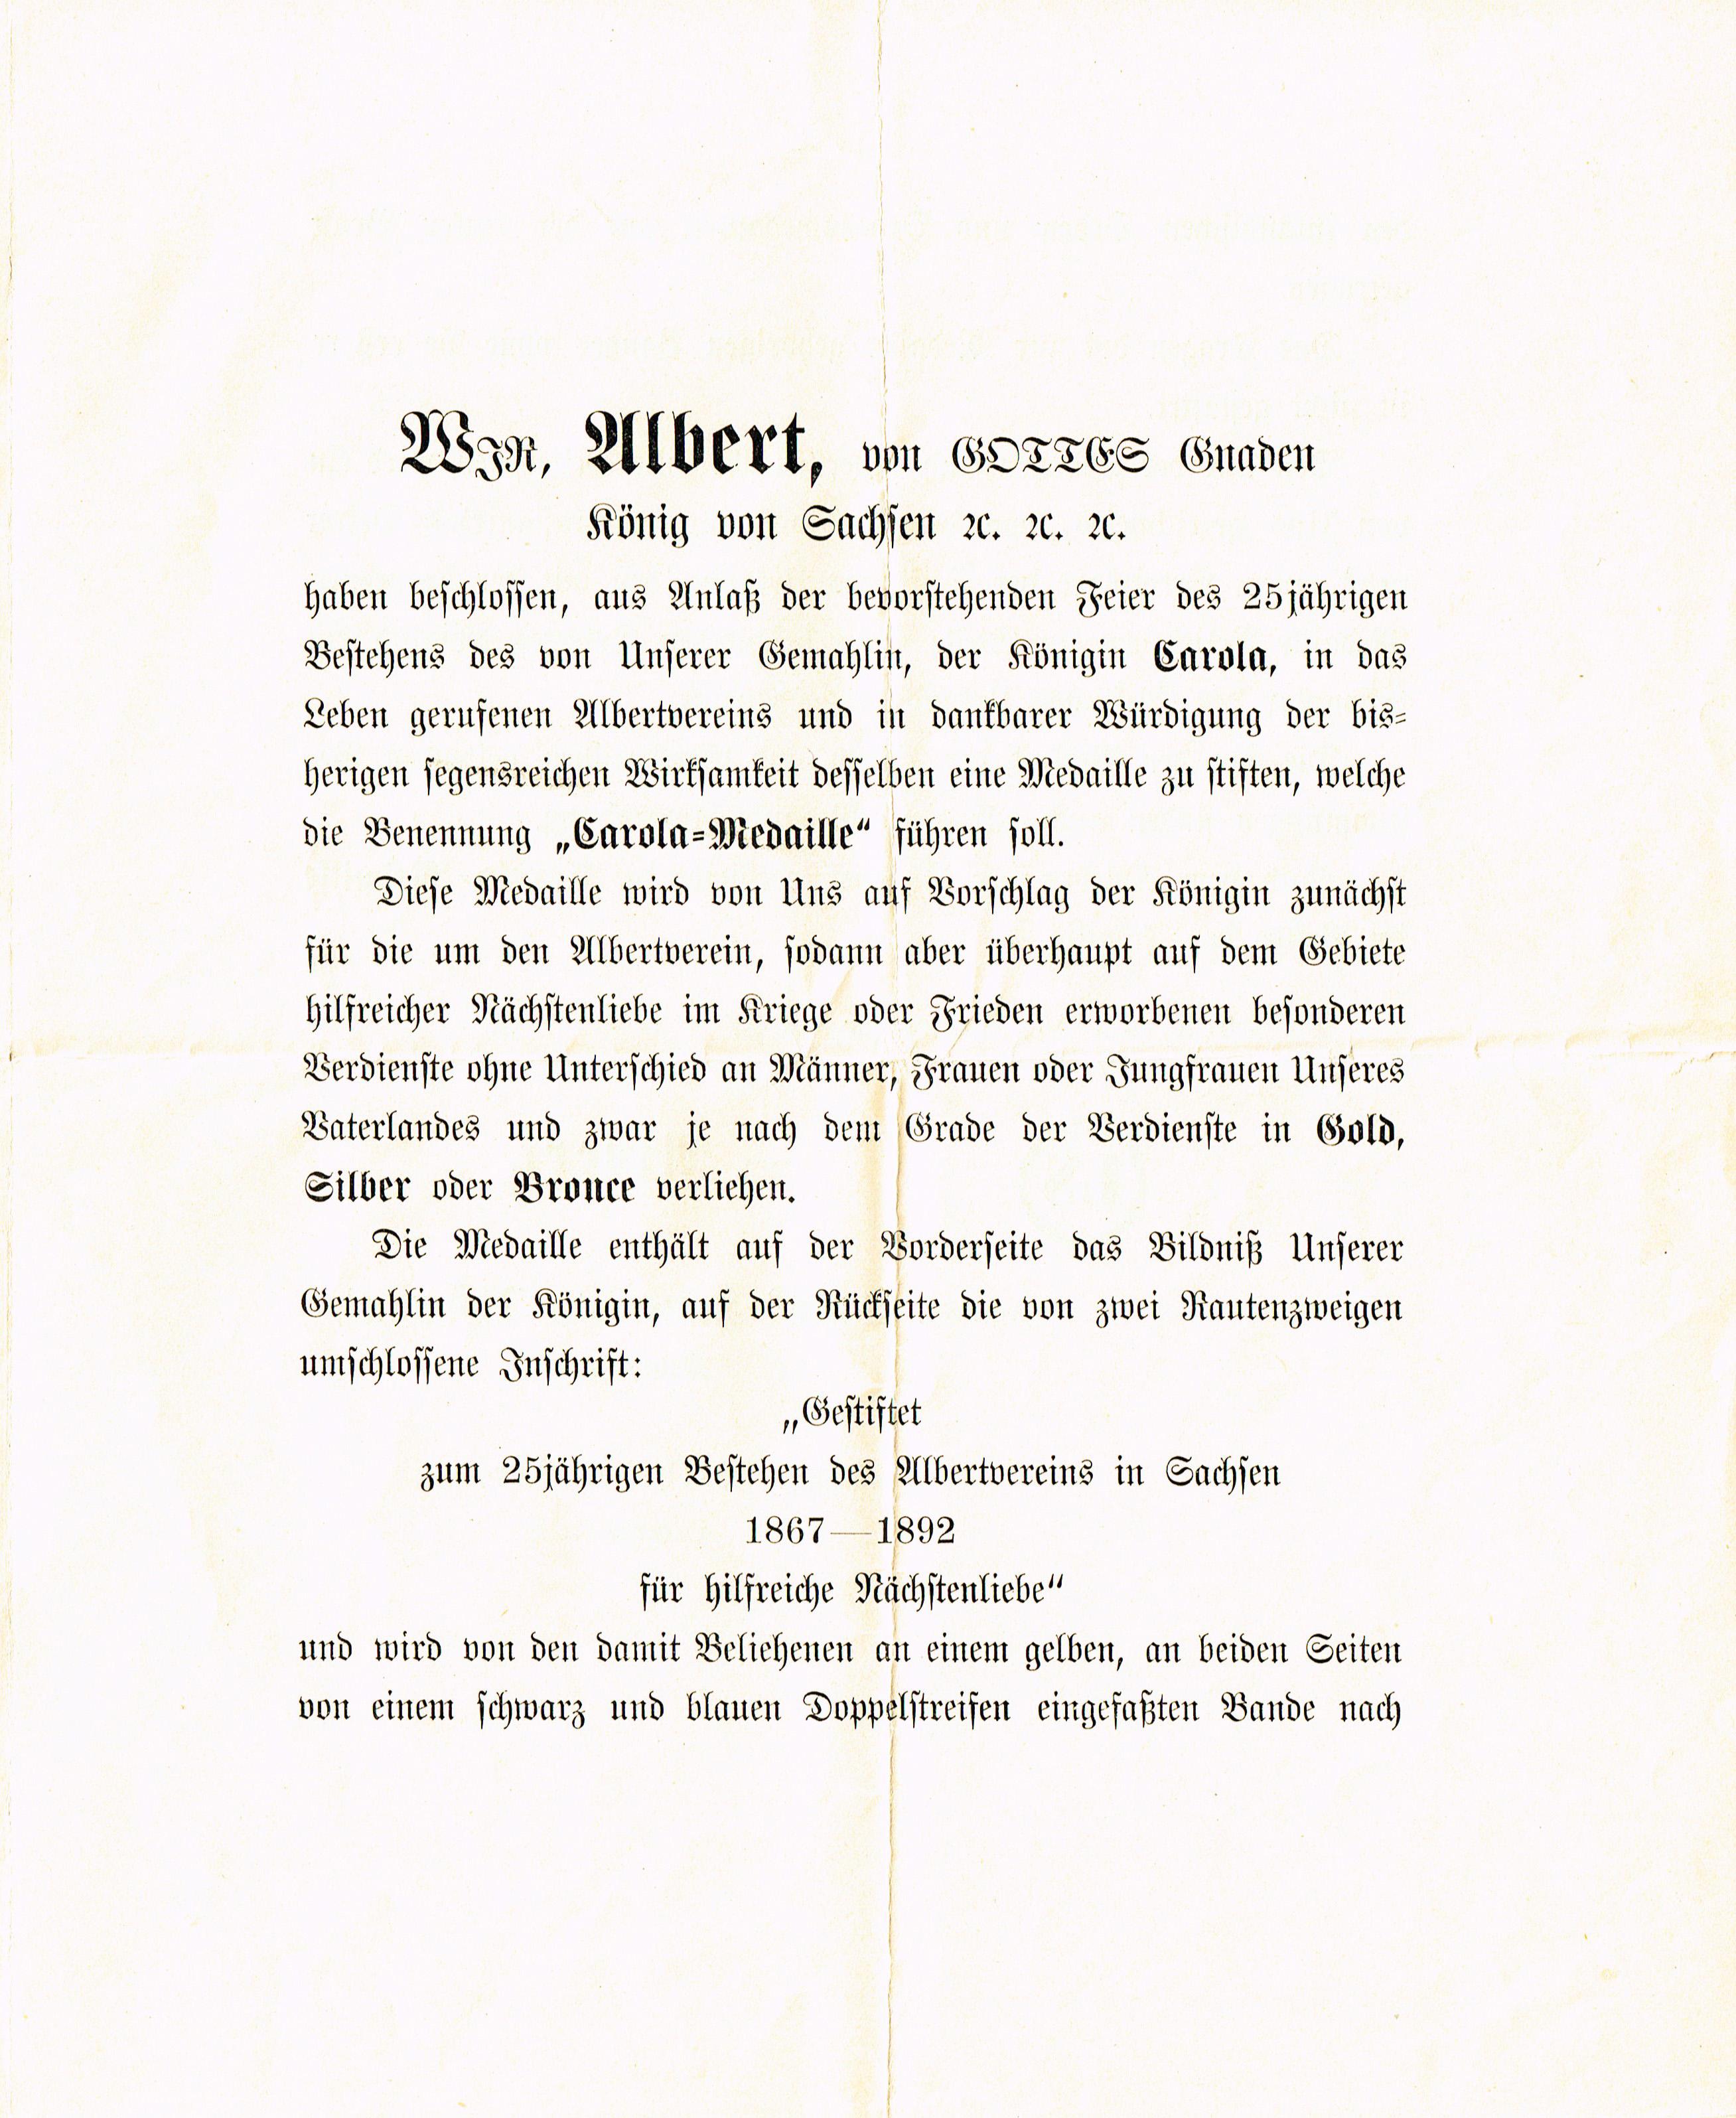 Carola-Medaille. Übersendungsschreiben (Verleihungsurkunde?) zur ...